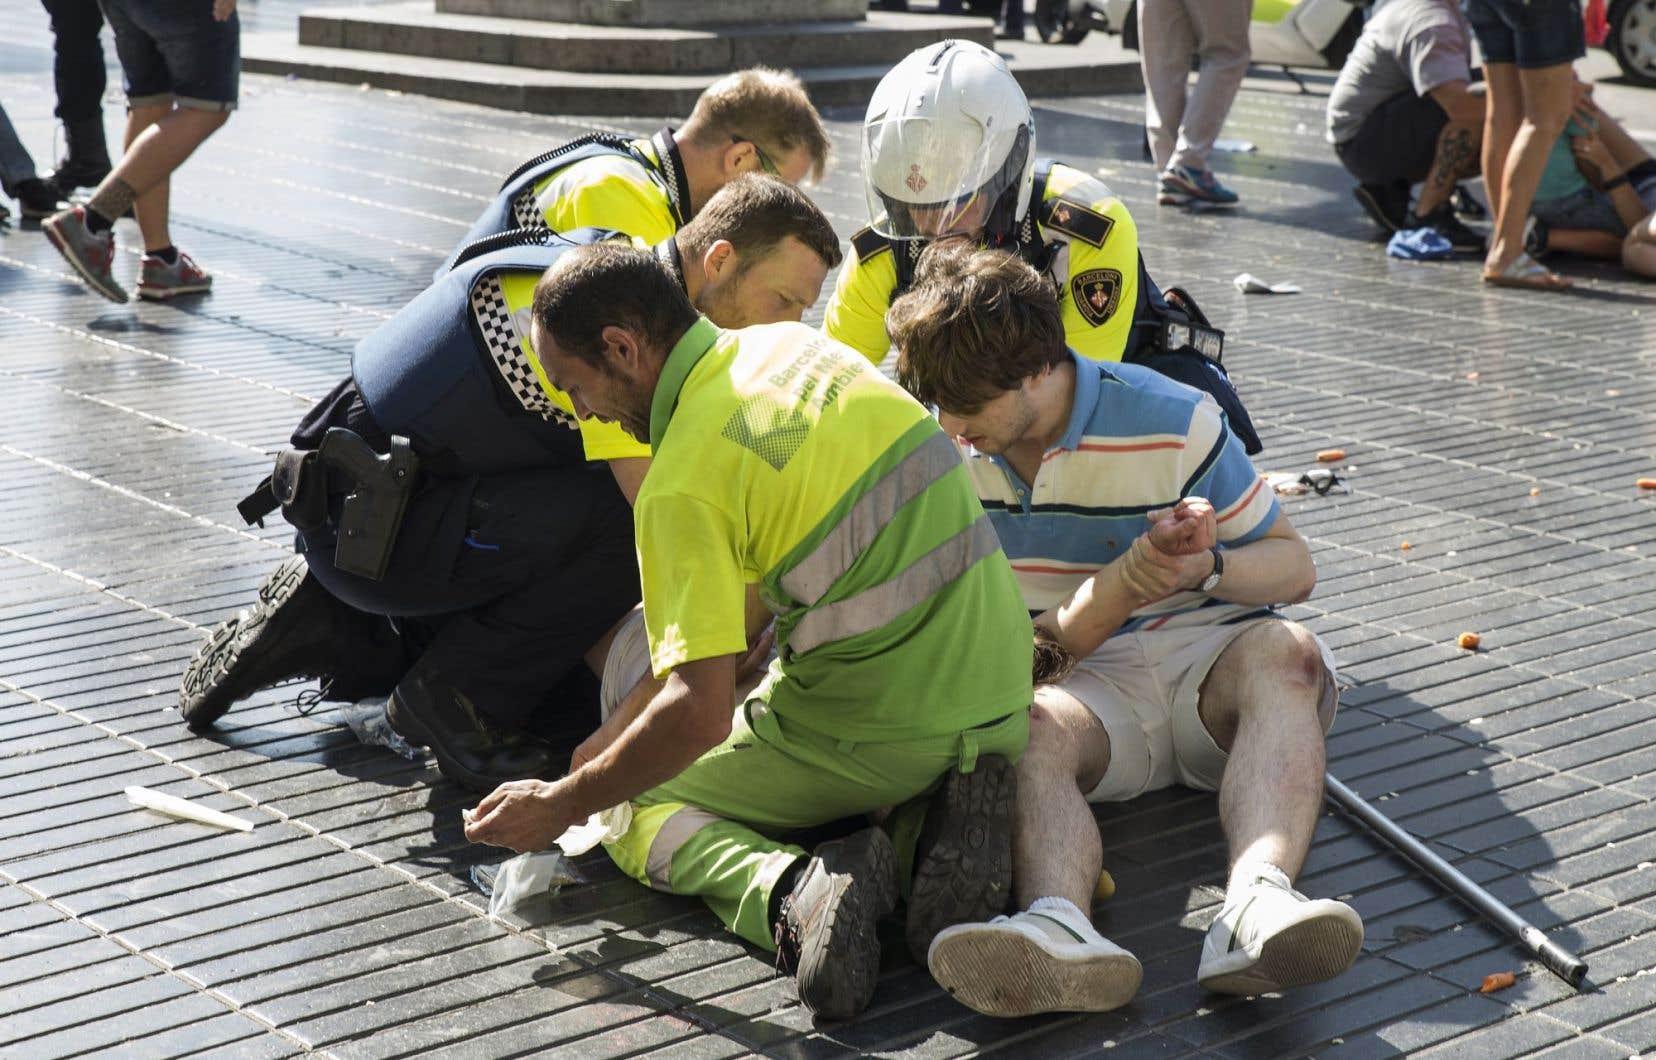 Un homme aide les policiers à porter secours à une victime.